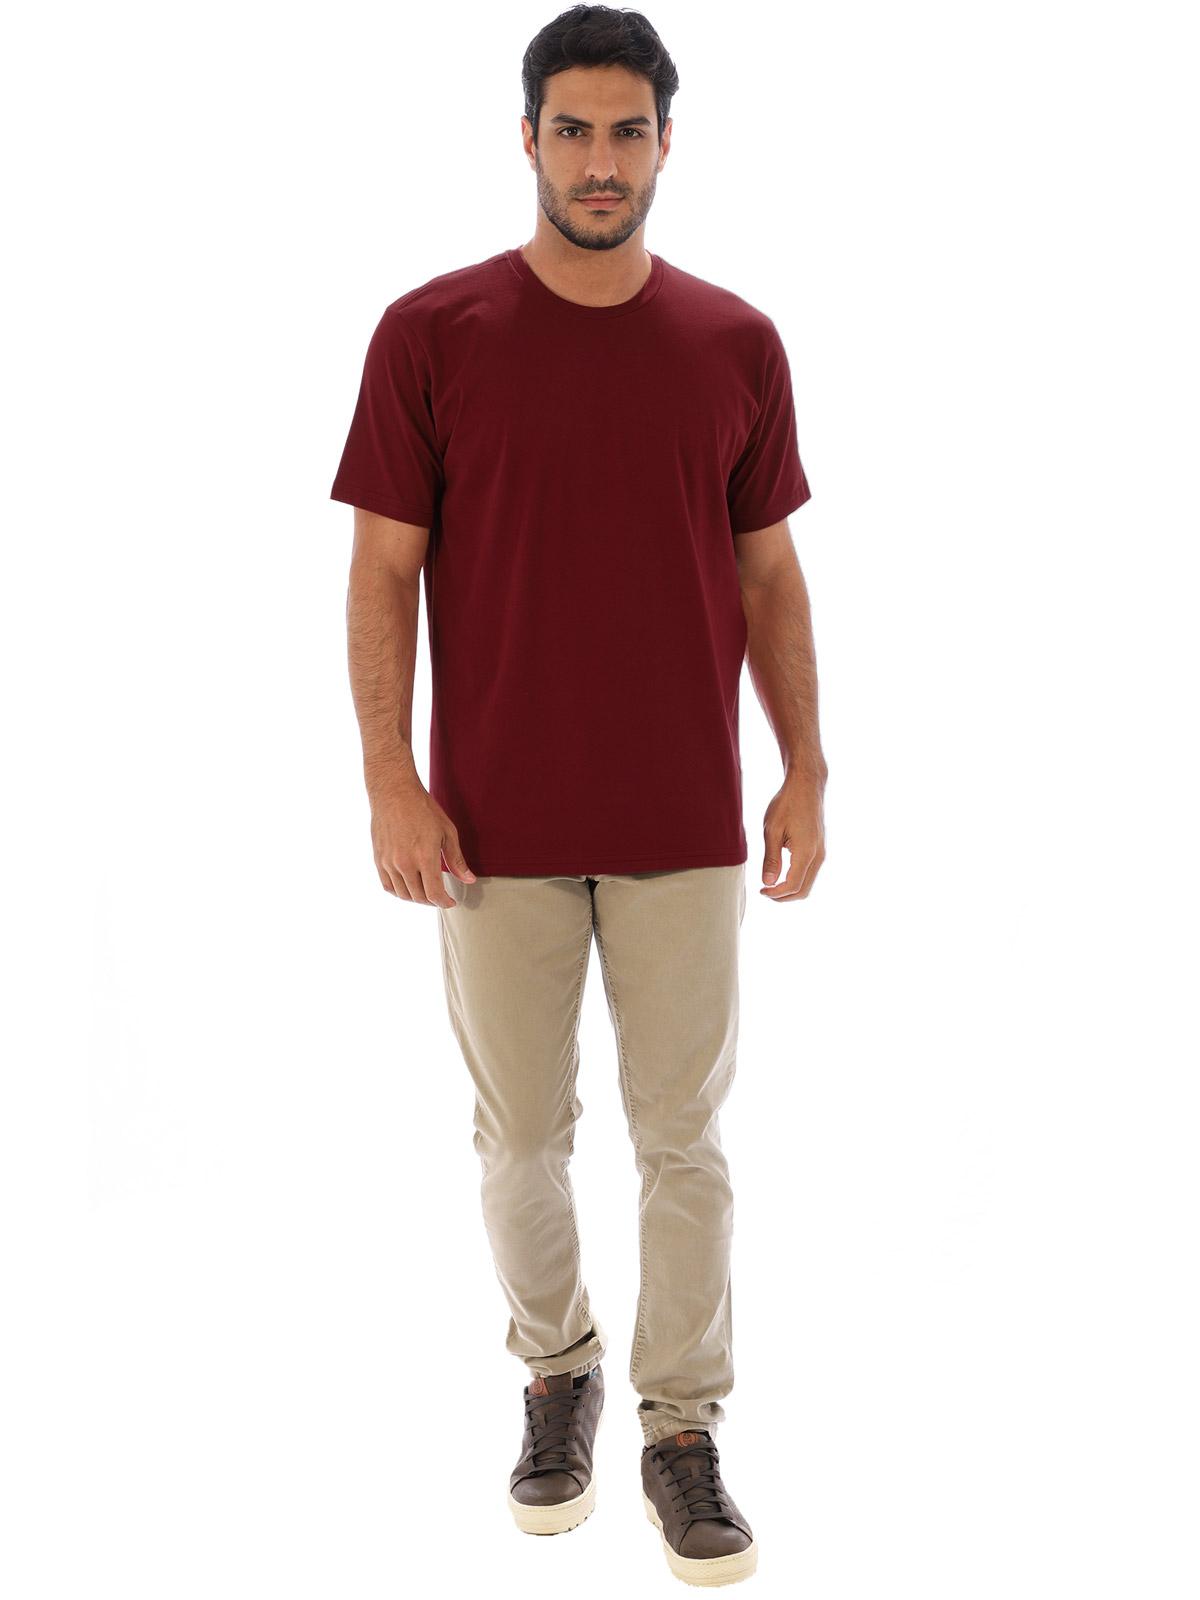 Camiseta Masculina Algodão Manga Curta Básica Lisa Bordo